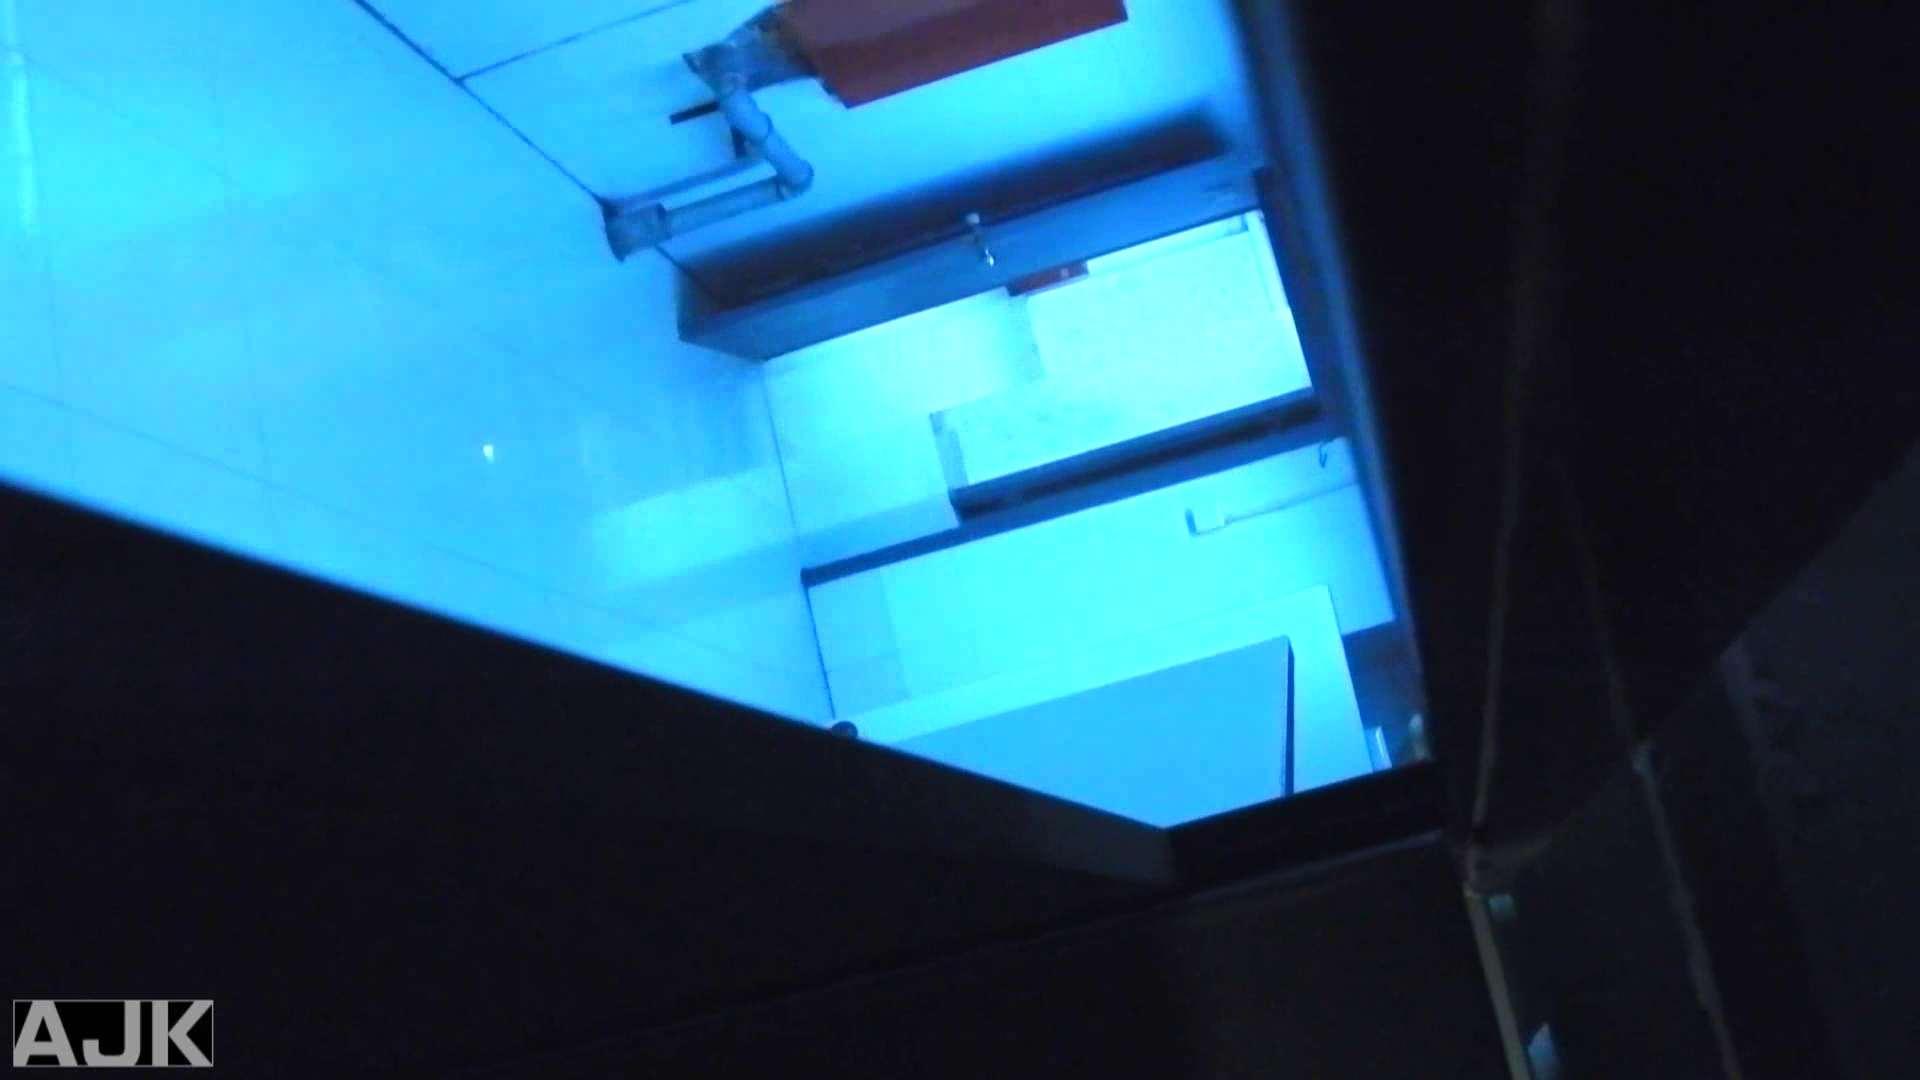 隣国上階級エリアの令嬢たちが集うデパートお手洗い Vol.13 おまんこ AV動画キャプチャ 100画像 76